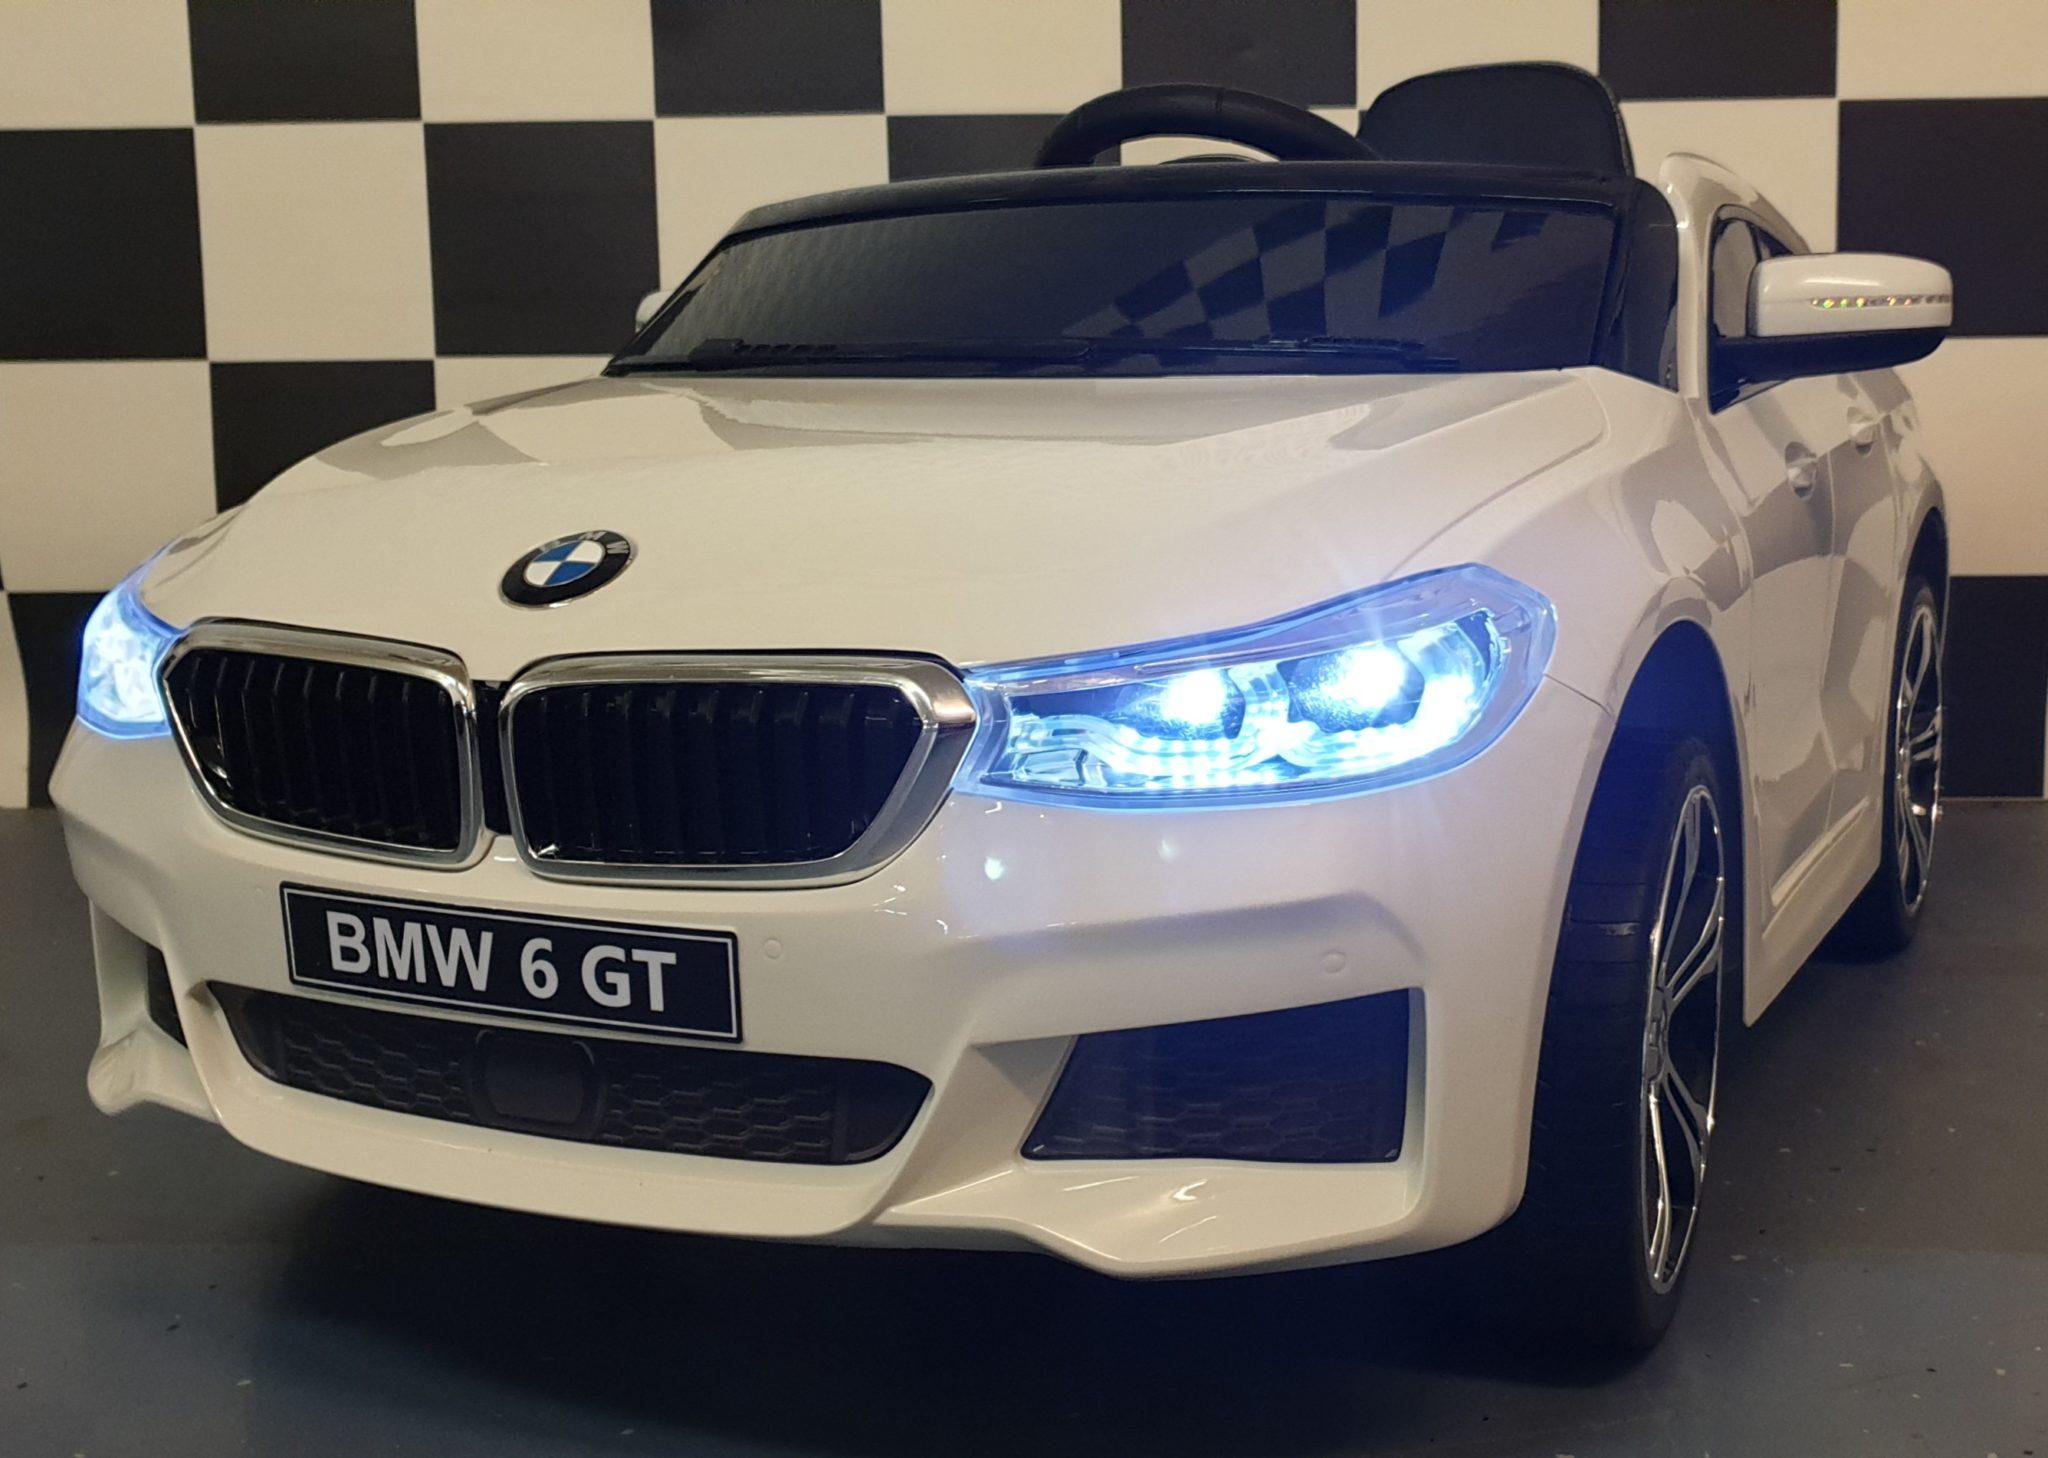 Accu auto BMW GT 12 volt 2.4G afstandsbediening wit